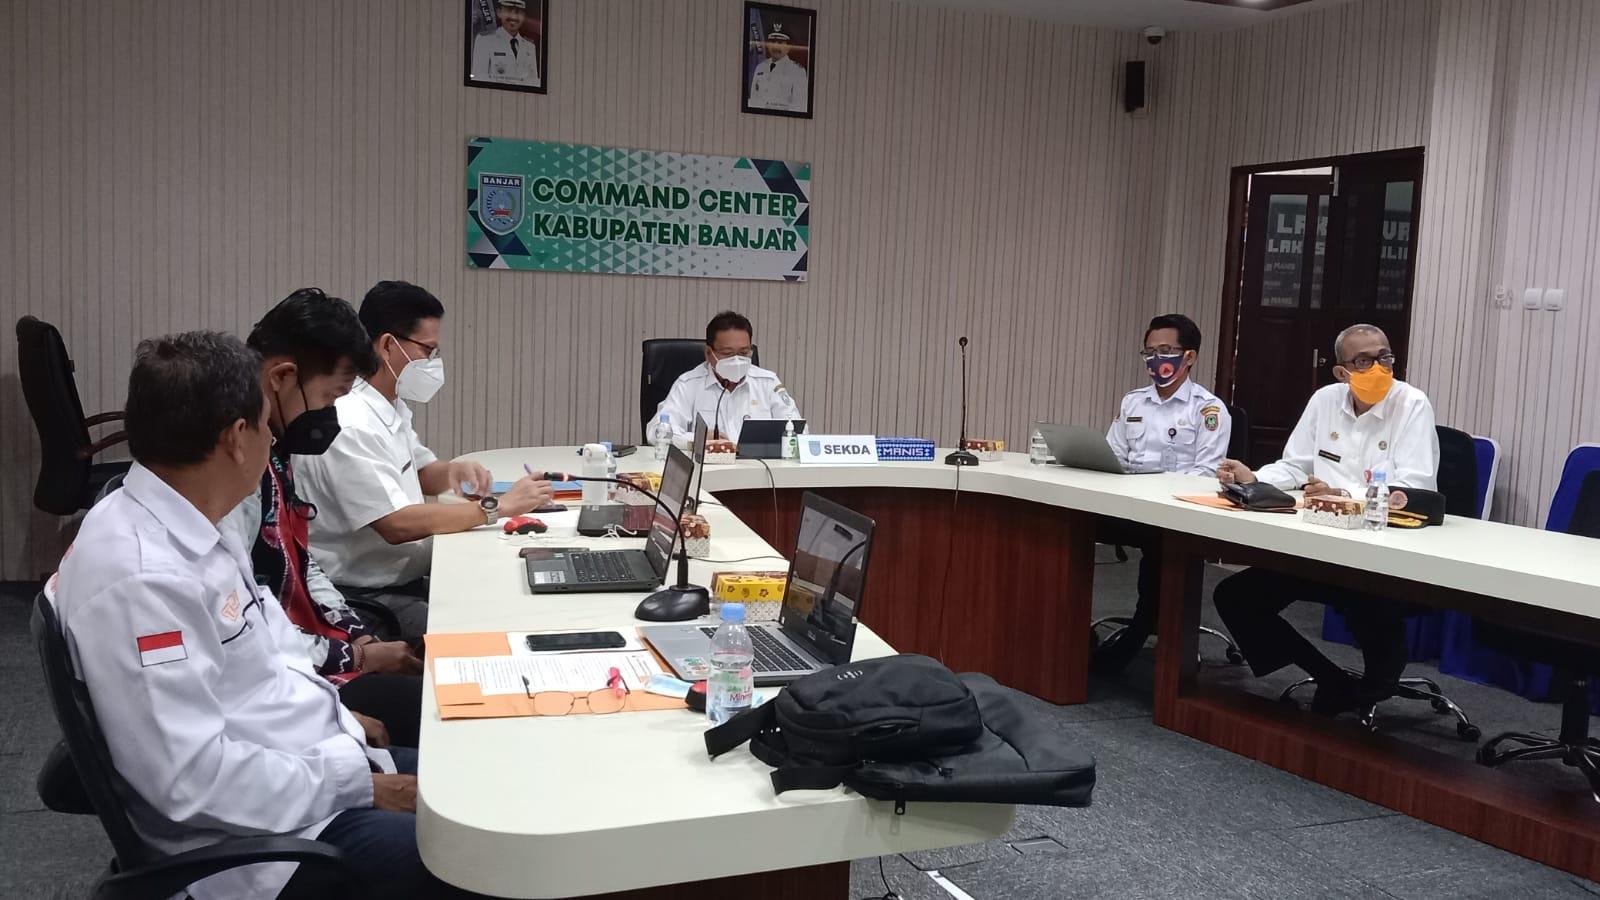 Sekda Banjar Ingatkan SKPD Siap Hadapi Bencana